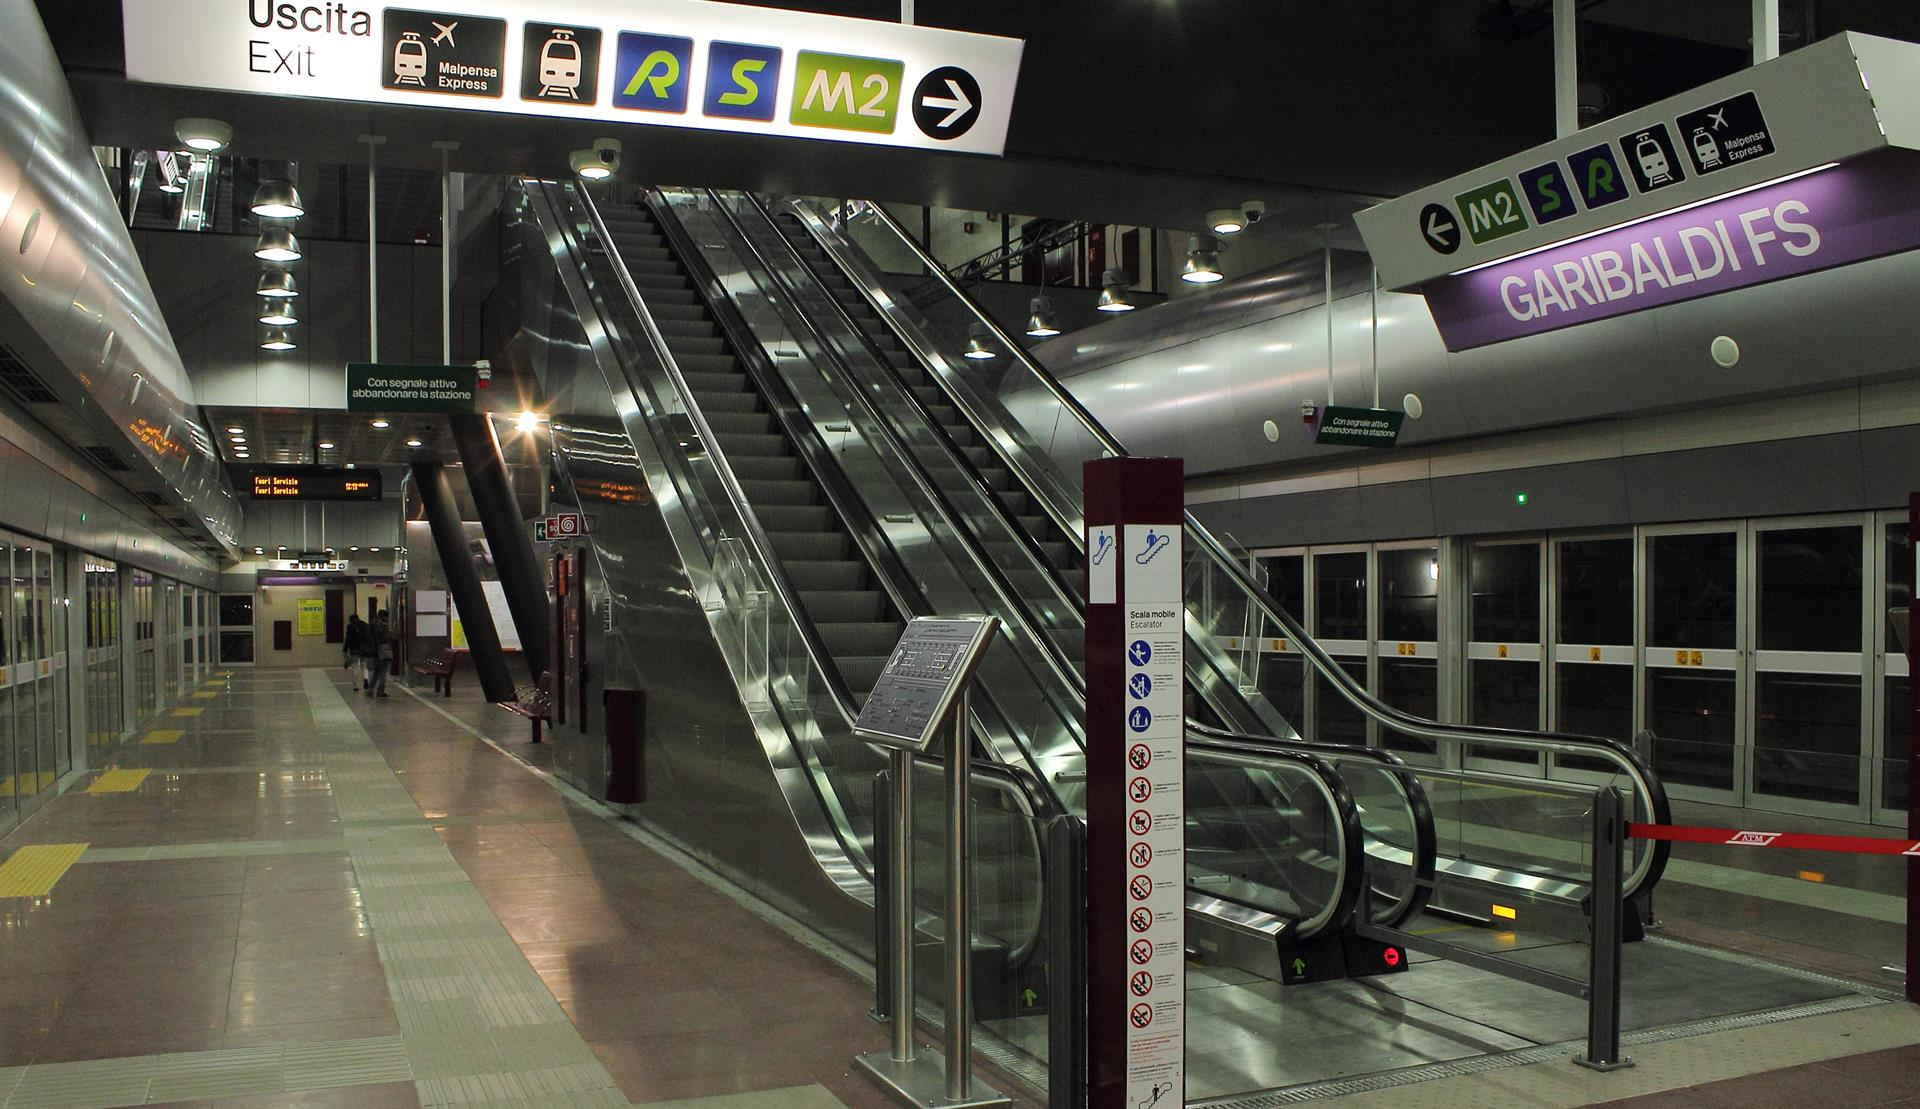 Linea 5 Lilla Metropolitana Di Milano Stazione Garibaldi